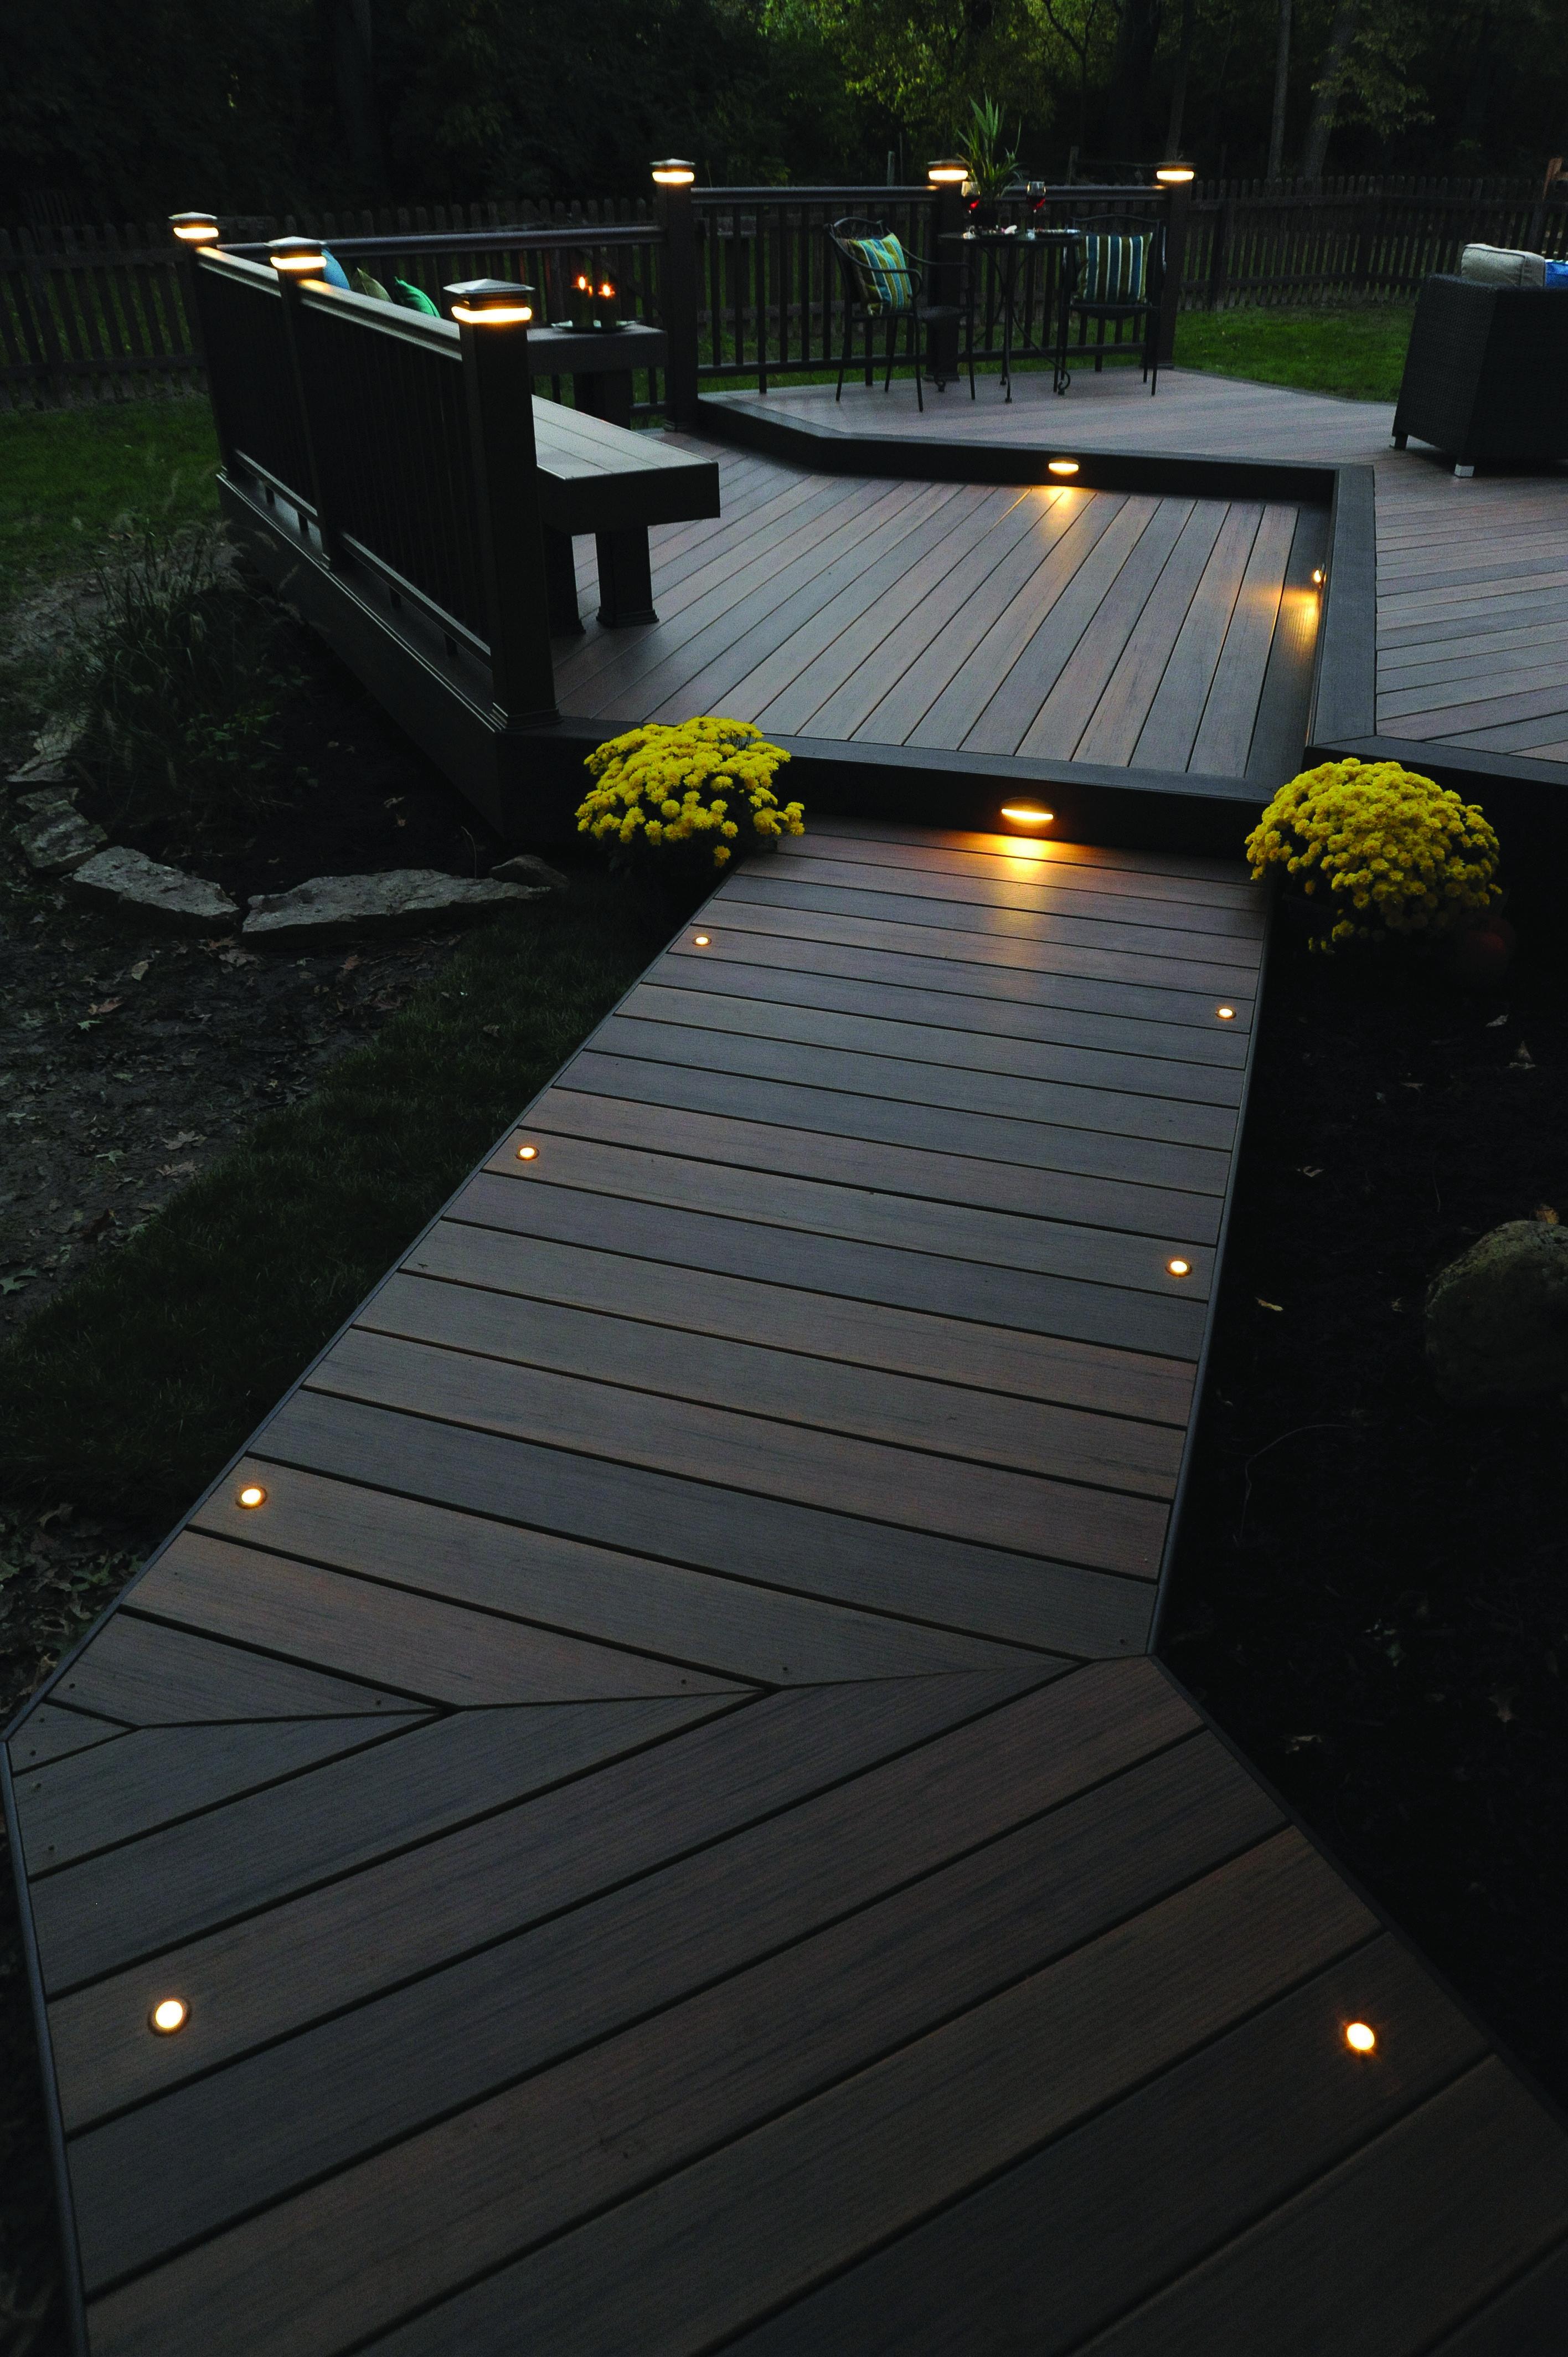 Gartengestaltung Licht Lampen Weg Holzsteg Terrasse Beleuchtung Led Landschaftsbeleuchtung Gartengestaltung Und Hinterhof